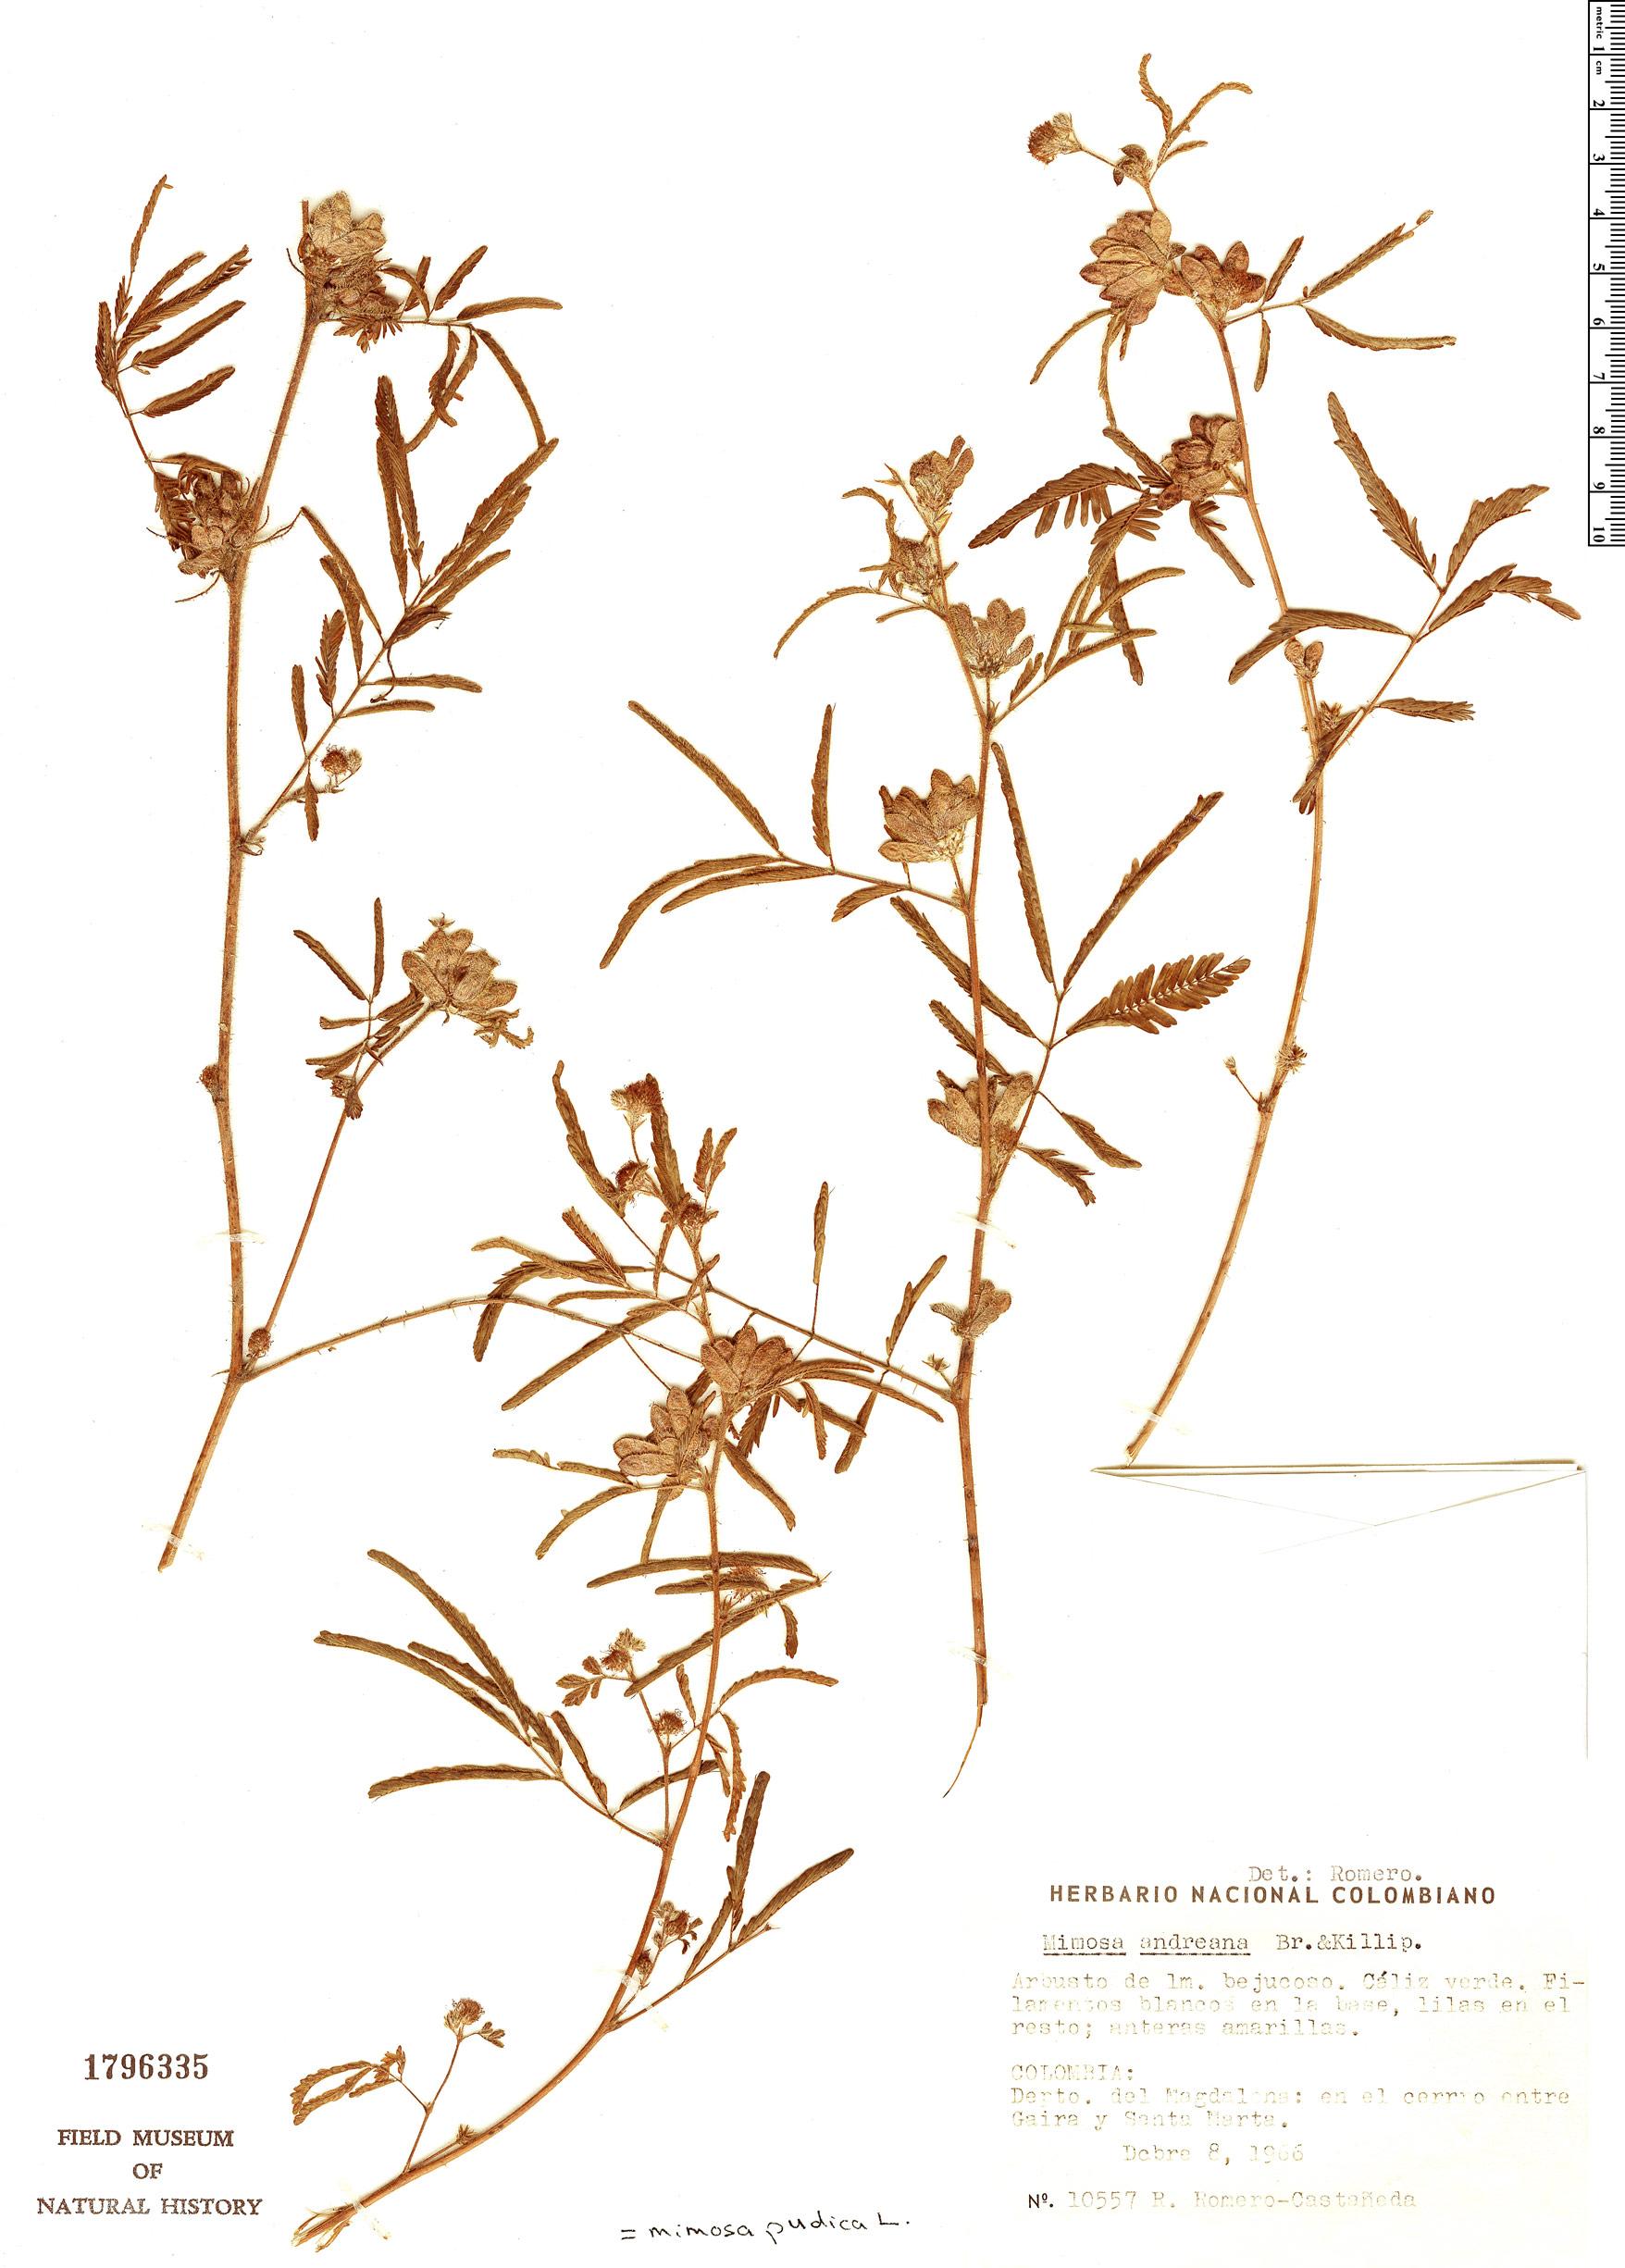 Specimen: Mimosa pudica